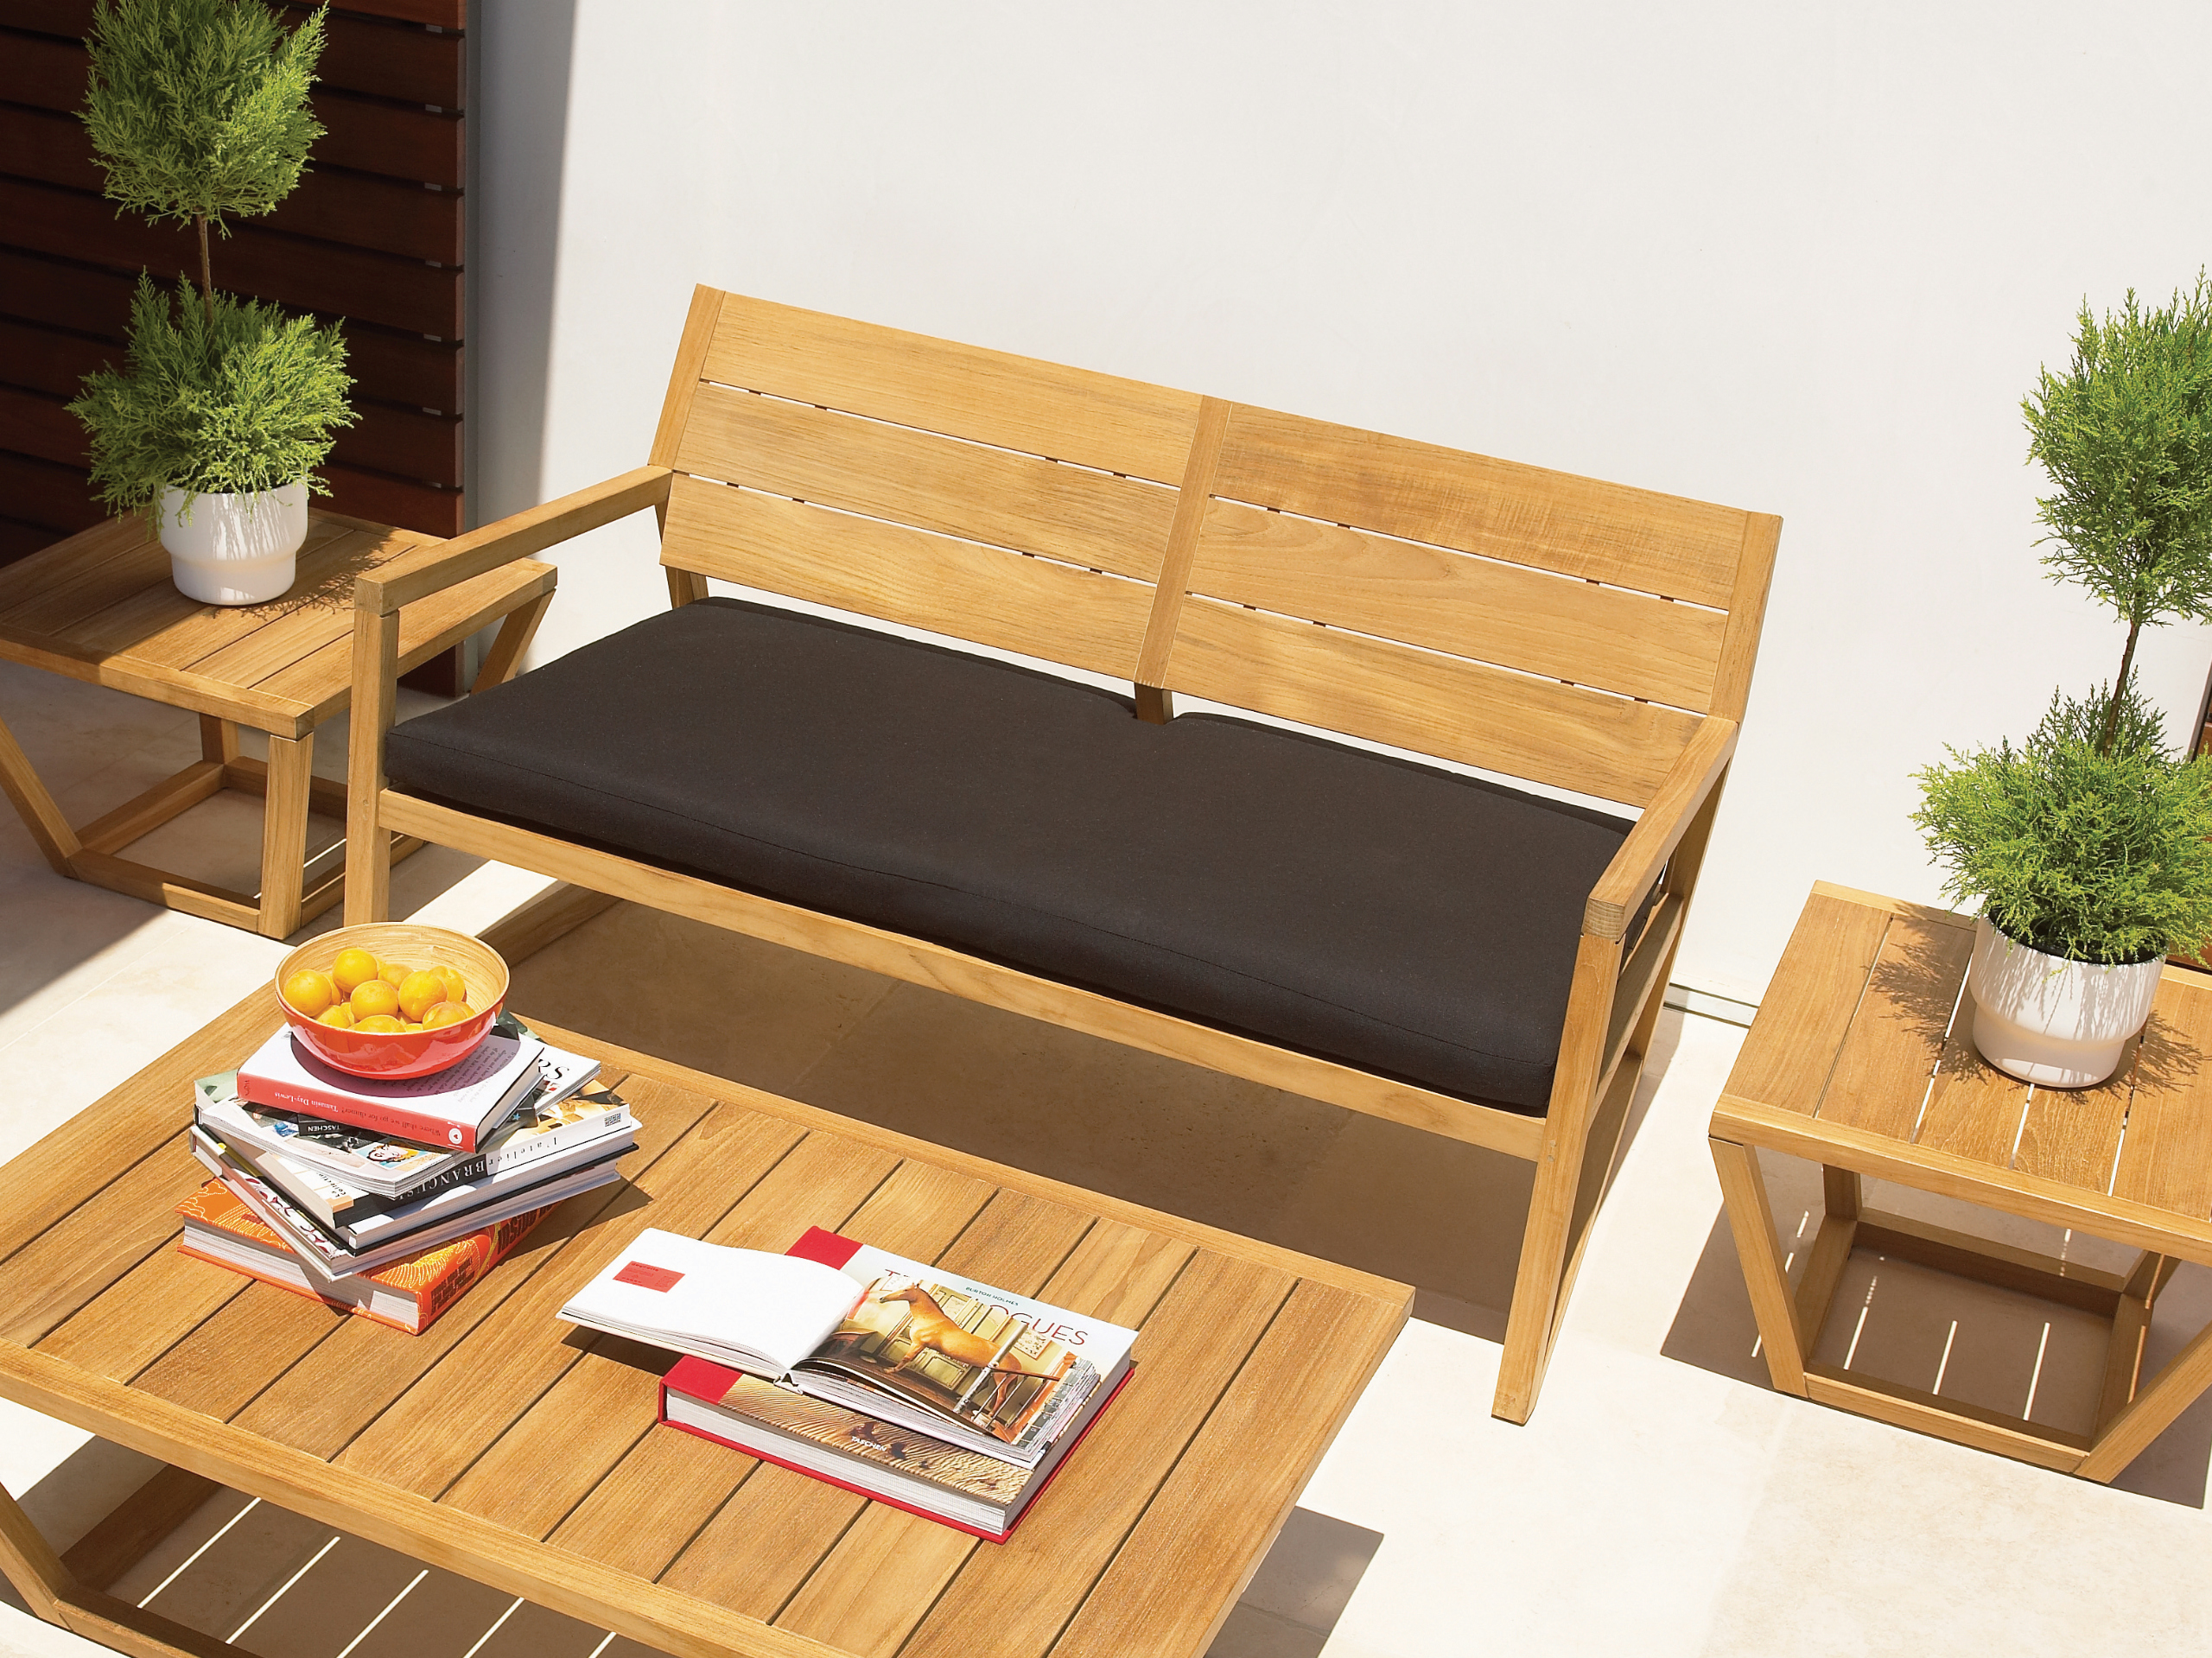 Tratamiento de los muebles de jard n for Muebles para jardin en madera